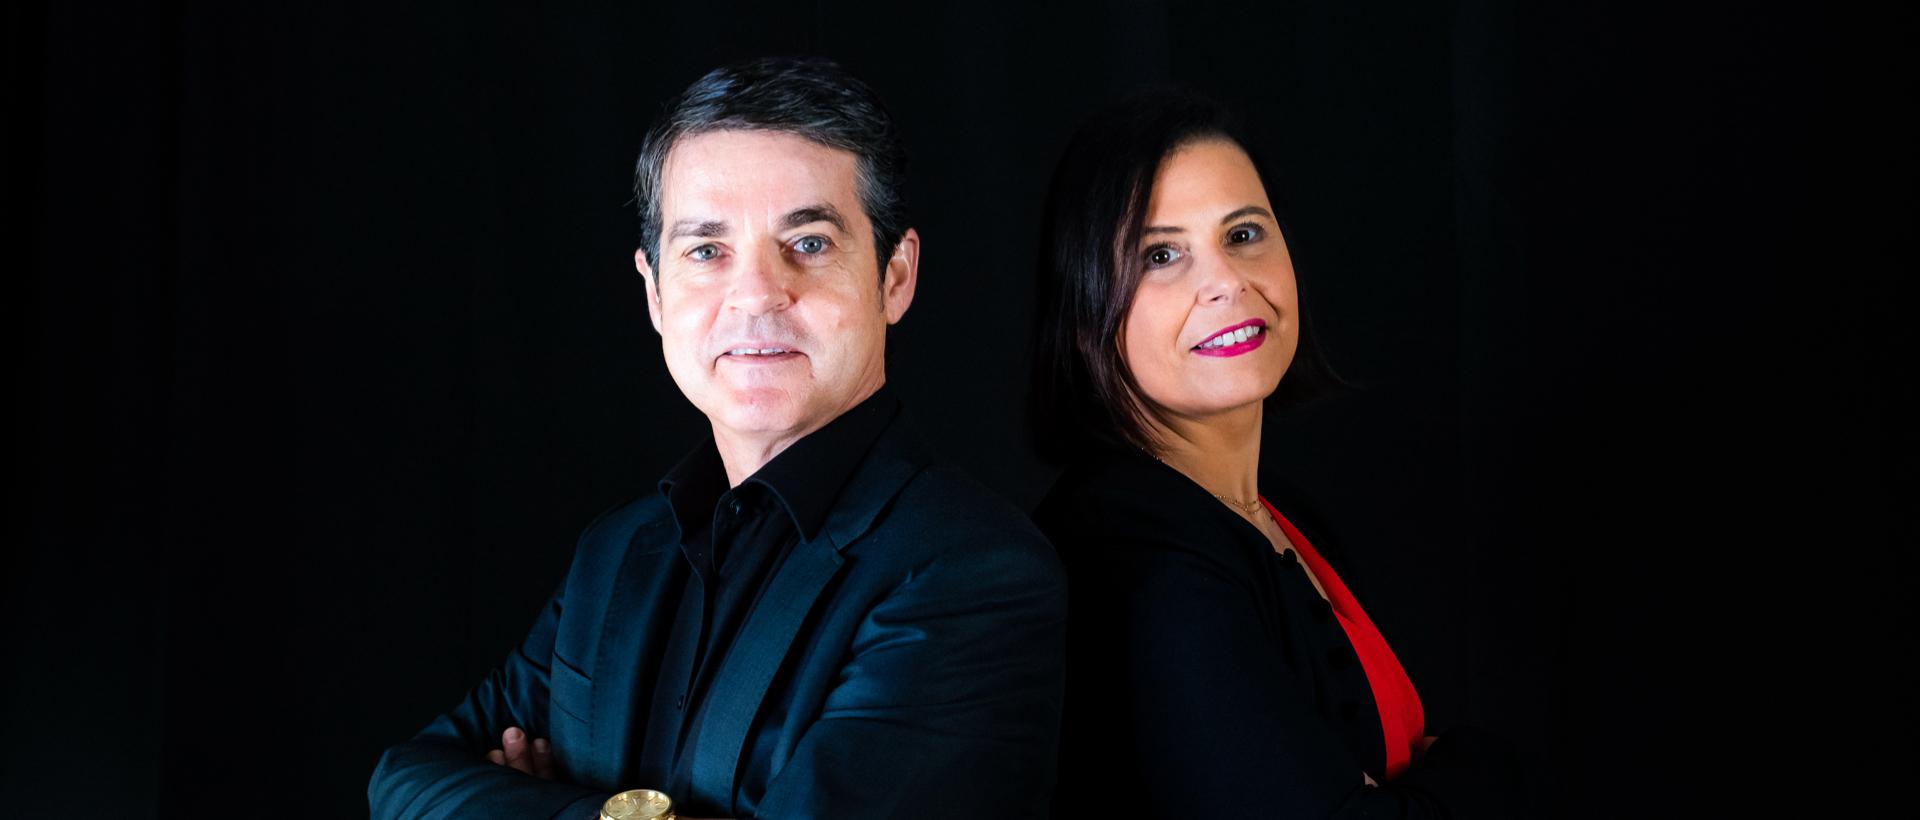 Portraits de Christophe Alvarez et Agnès Pierre, co-auteurs du livre Libérez votre Futur et de la Méthode Alpha and You©